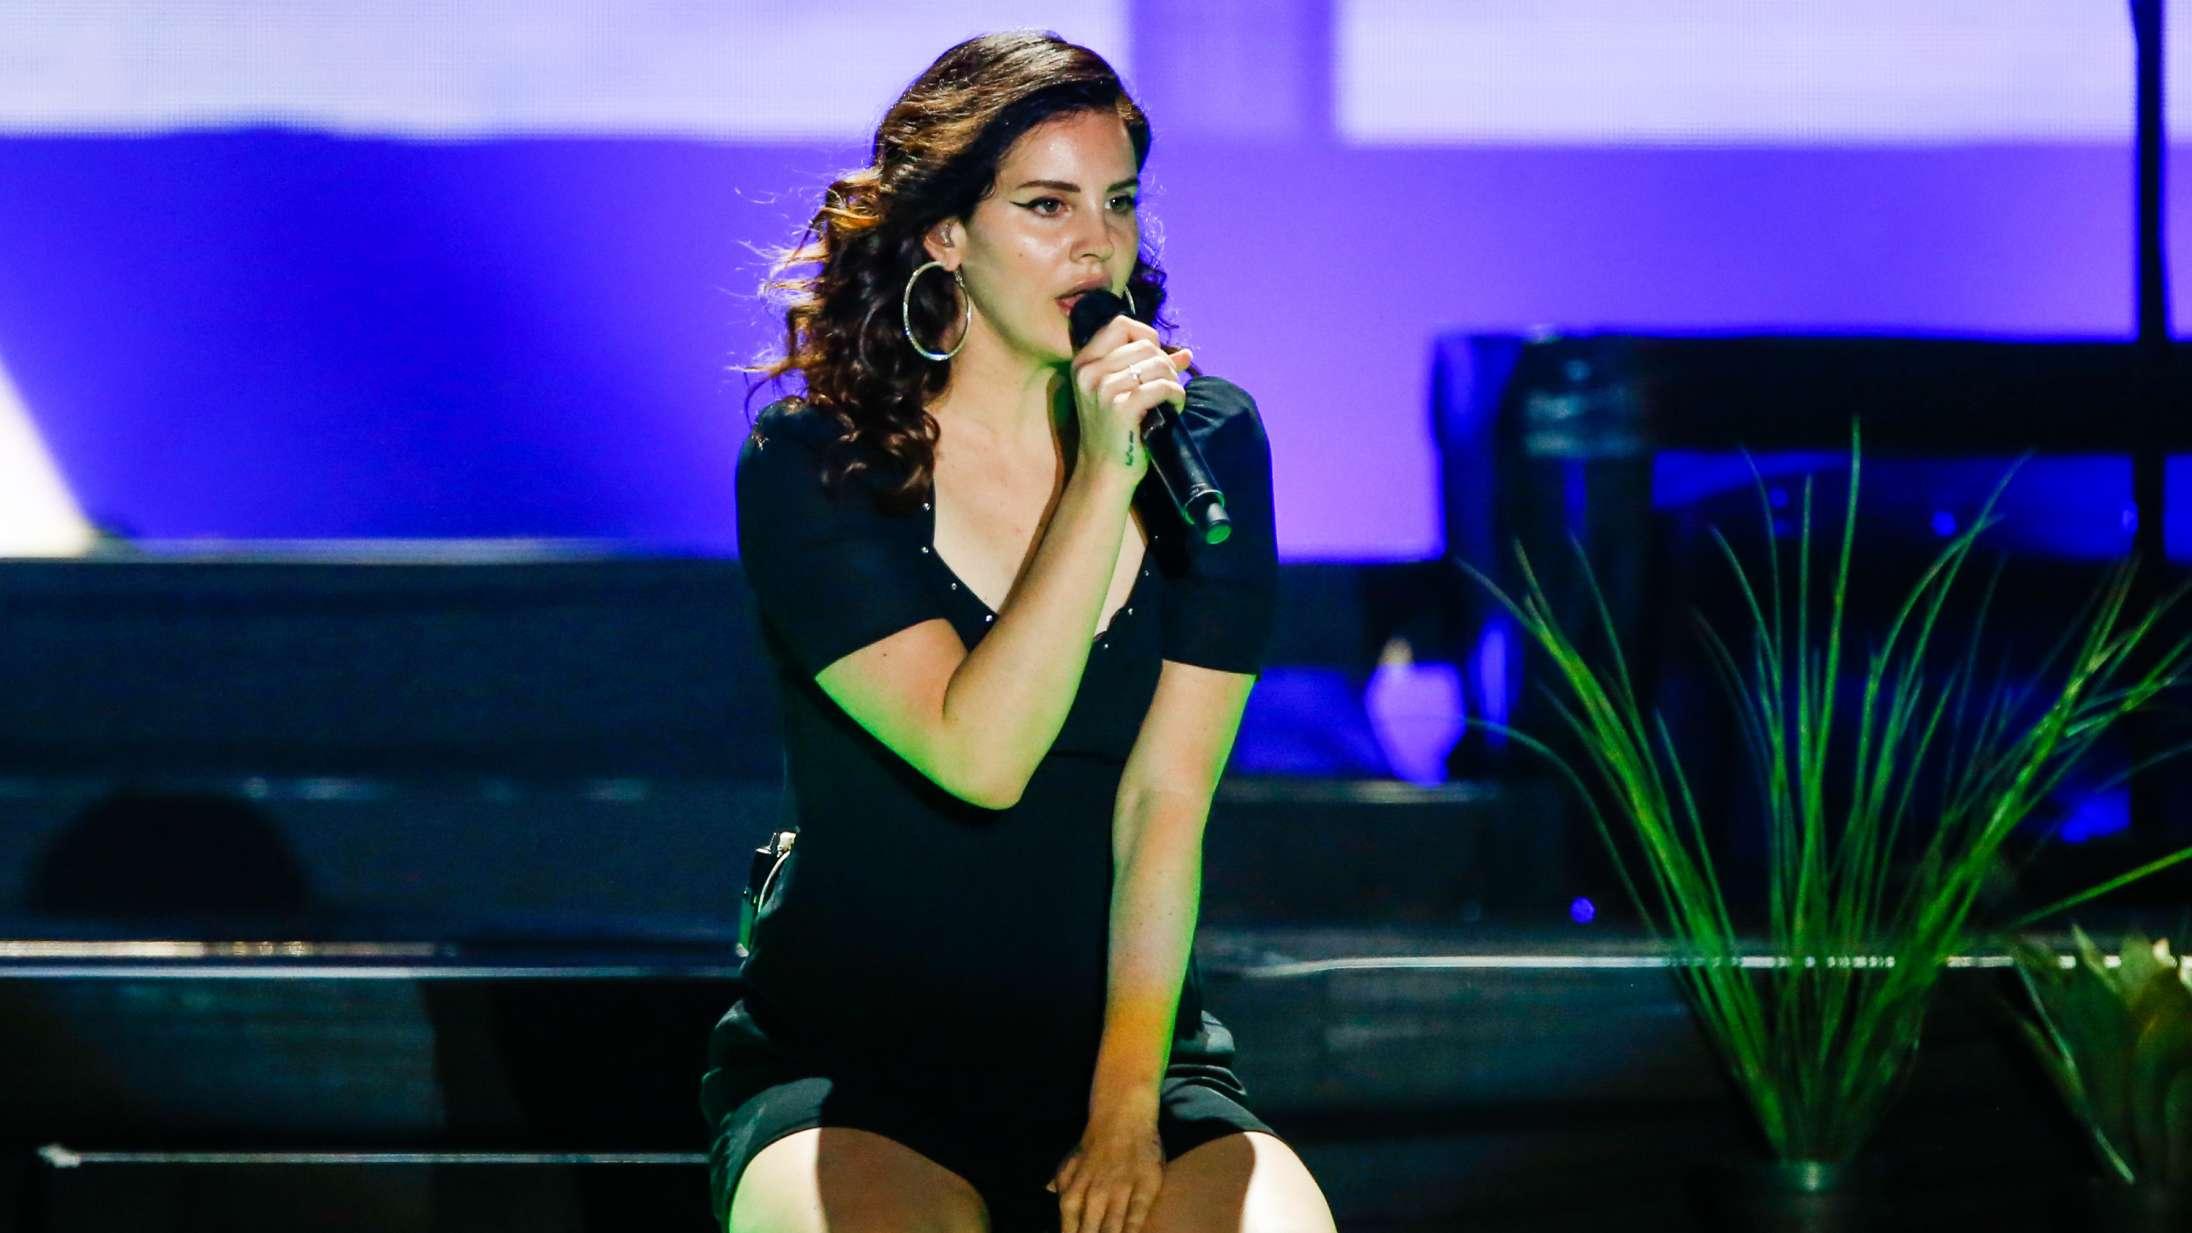 Lana Del Rey annoncerer nyt album – svarer igen på årelang kritik af at glamourisere misbrug